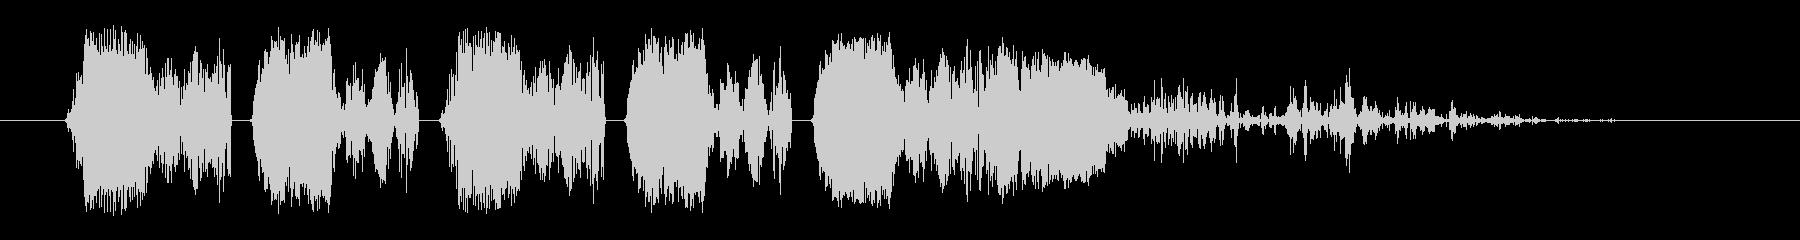 ハイテクスライスショットザップの未再生の波形